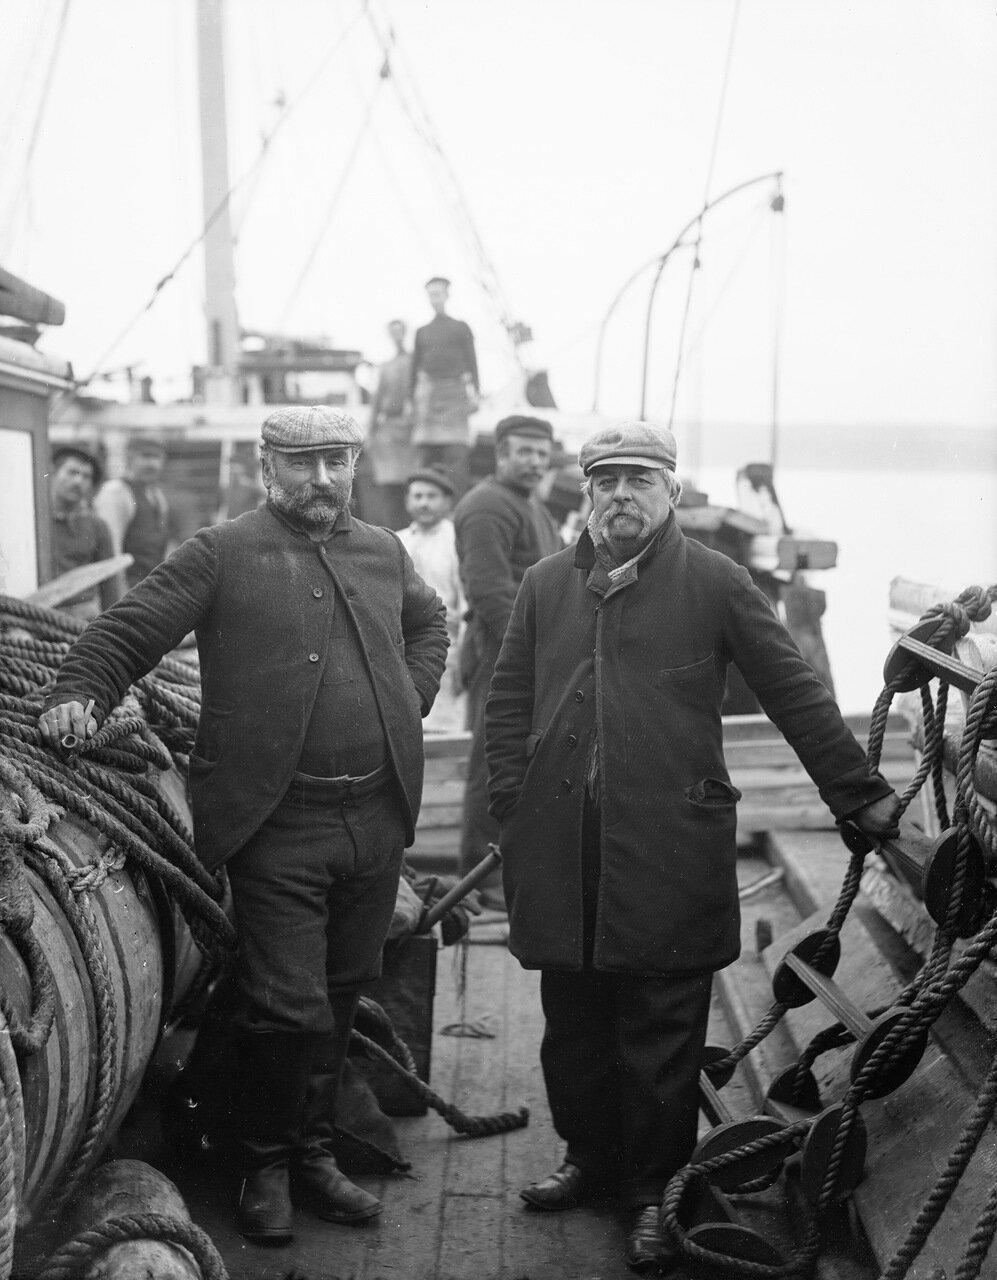 Капитан и первый помощник. 1891.